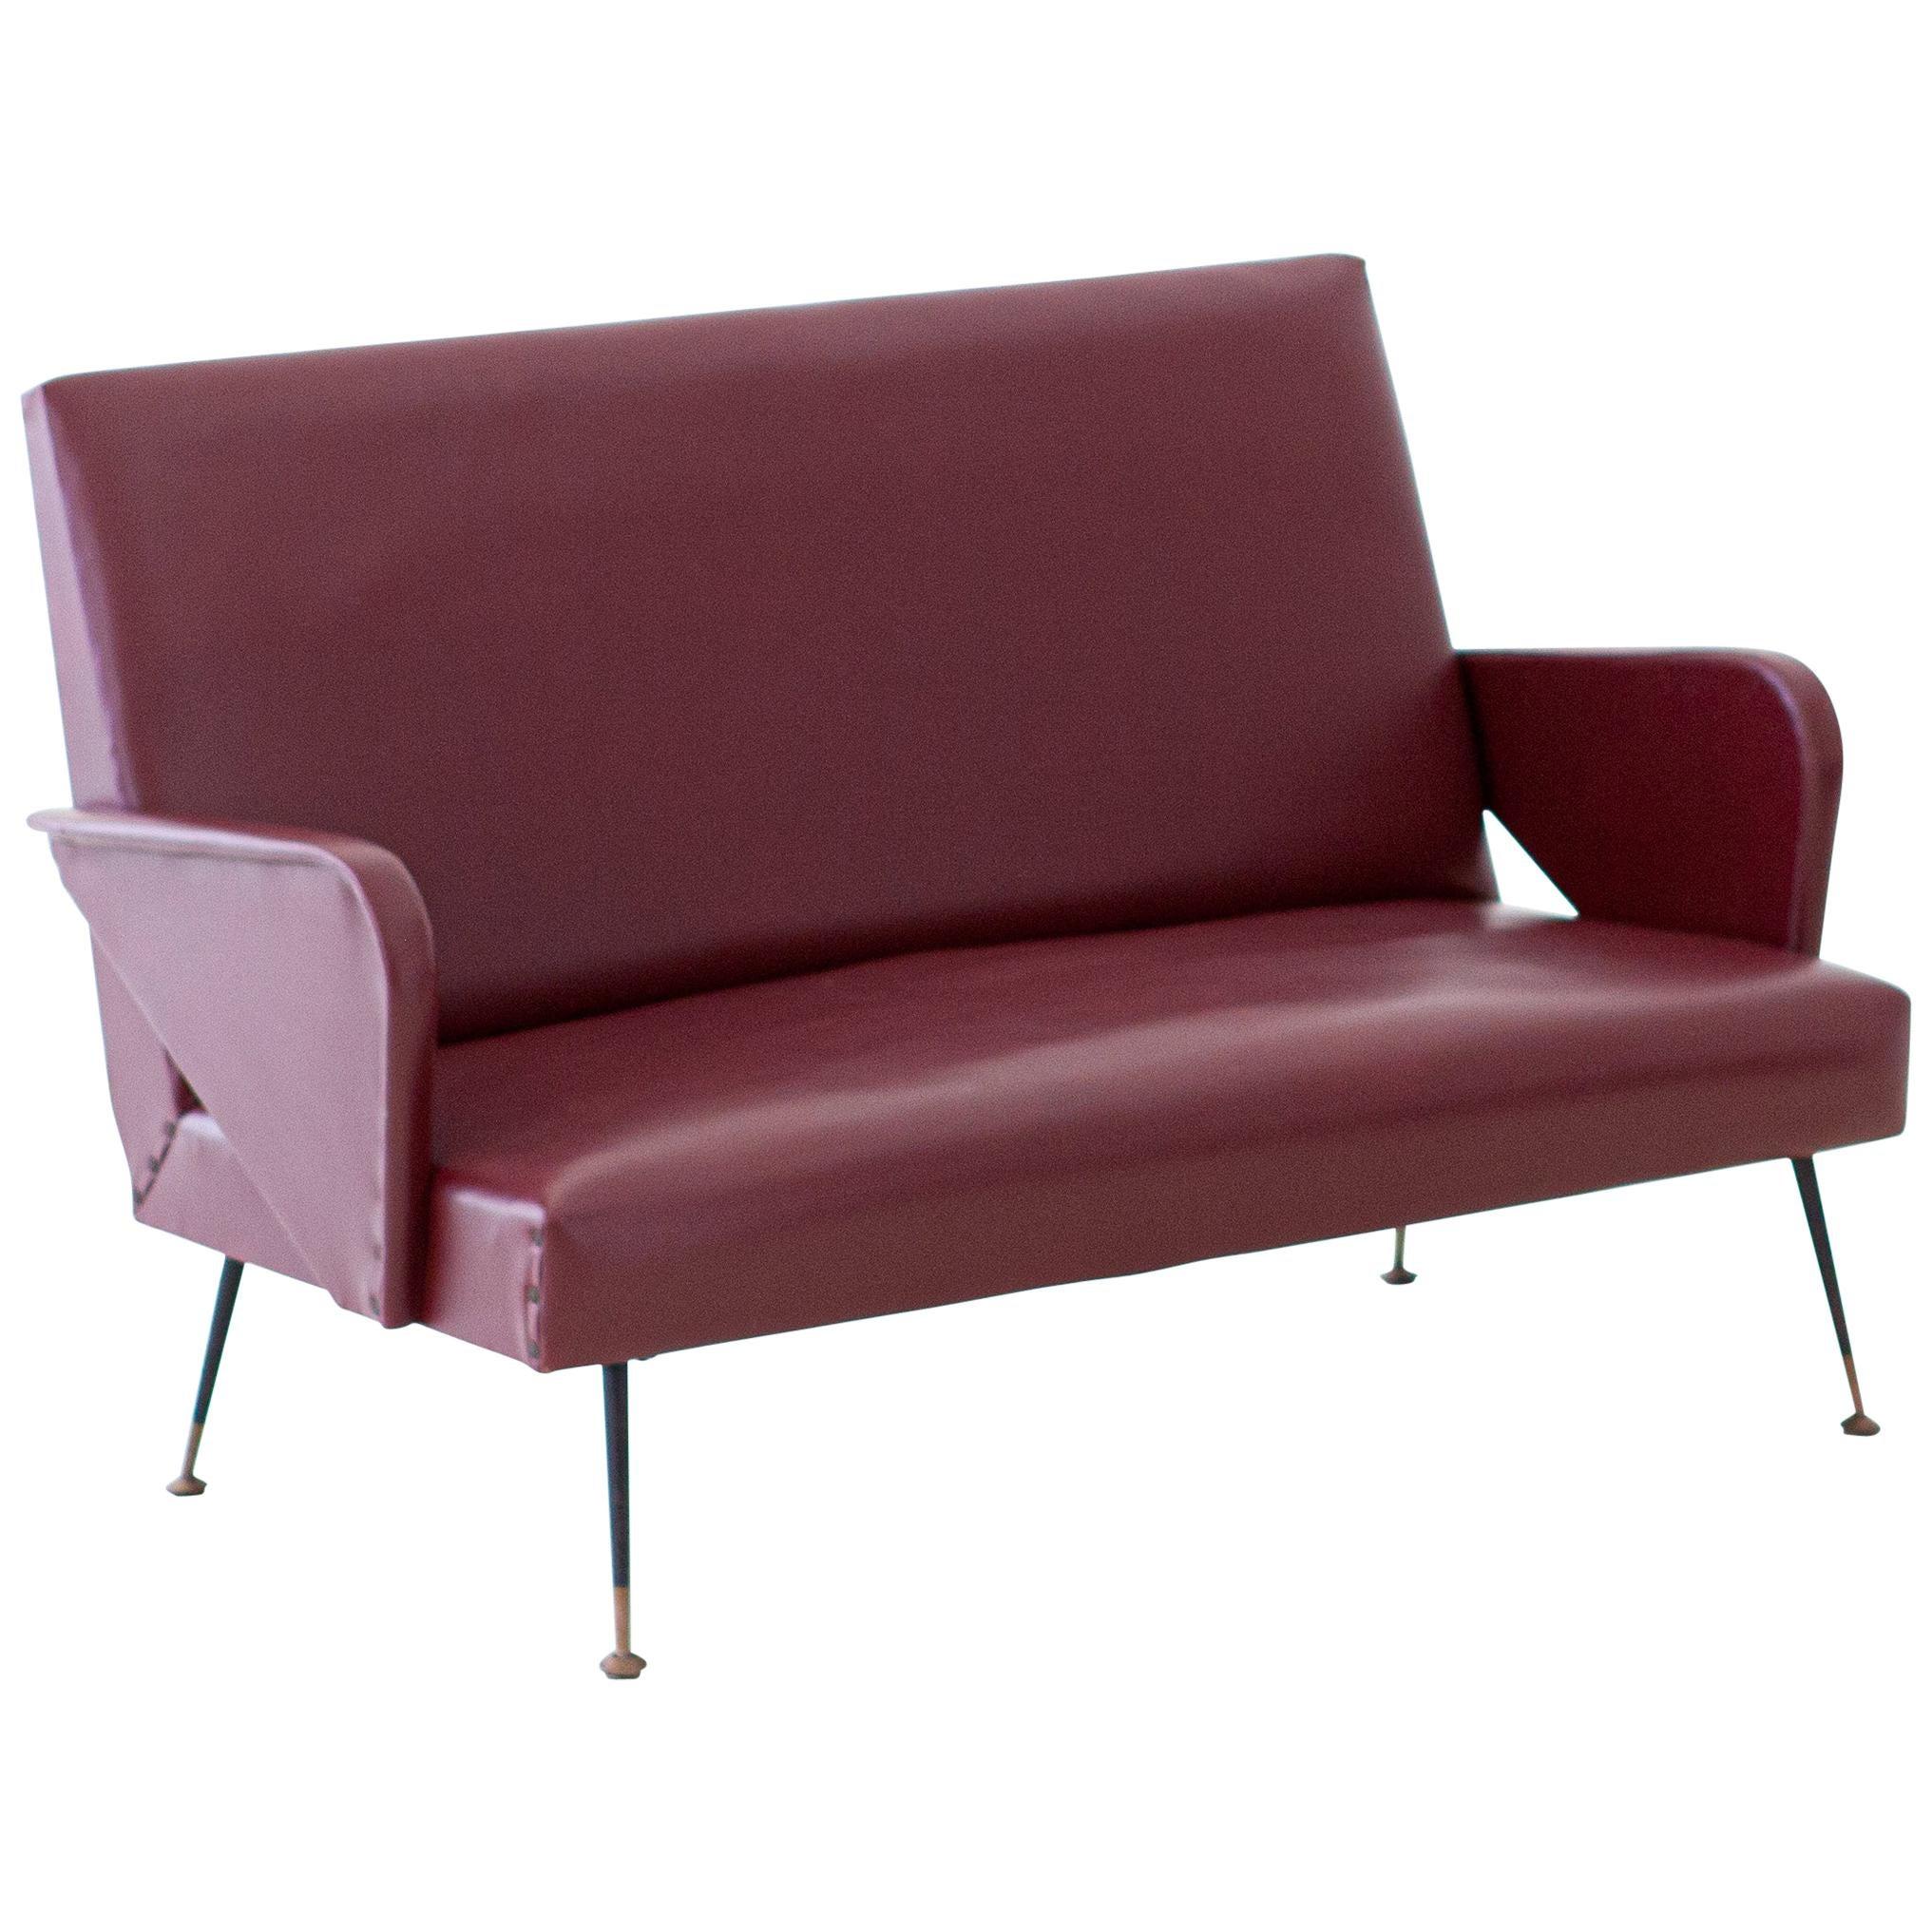 1950s Italian Modern Two-Seat Sofa